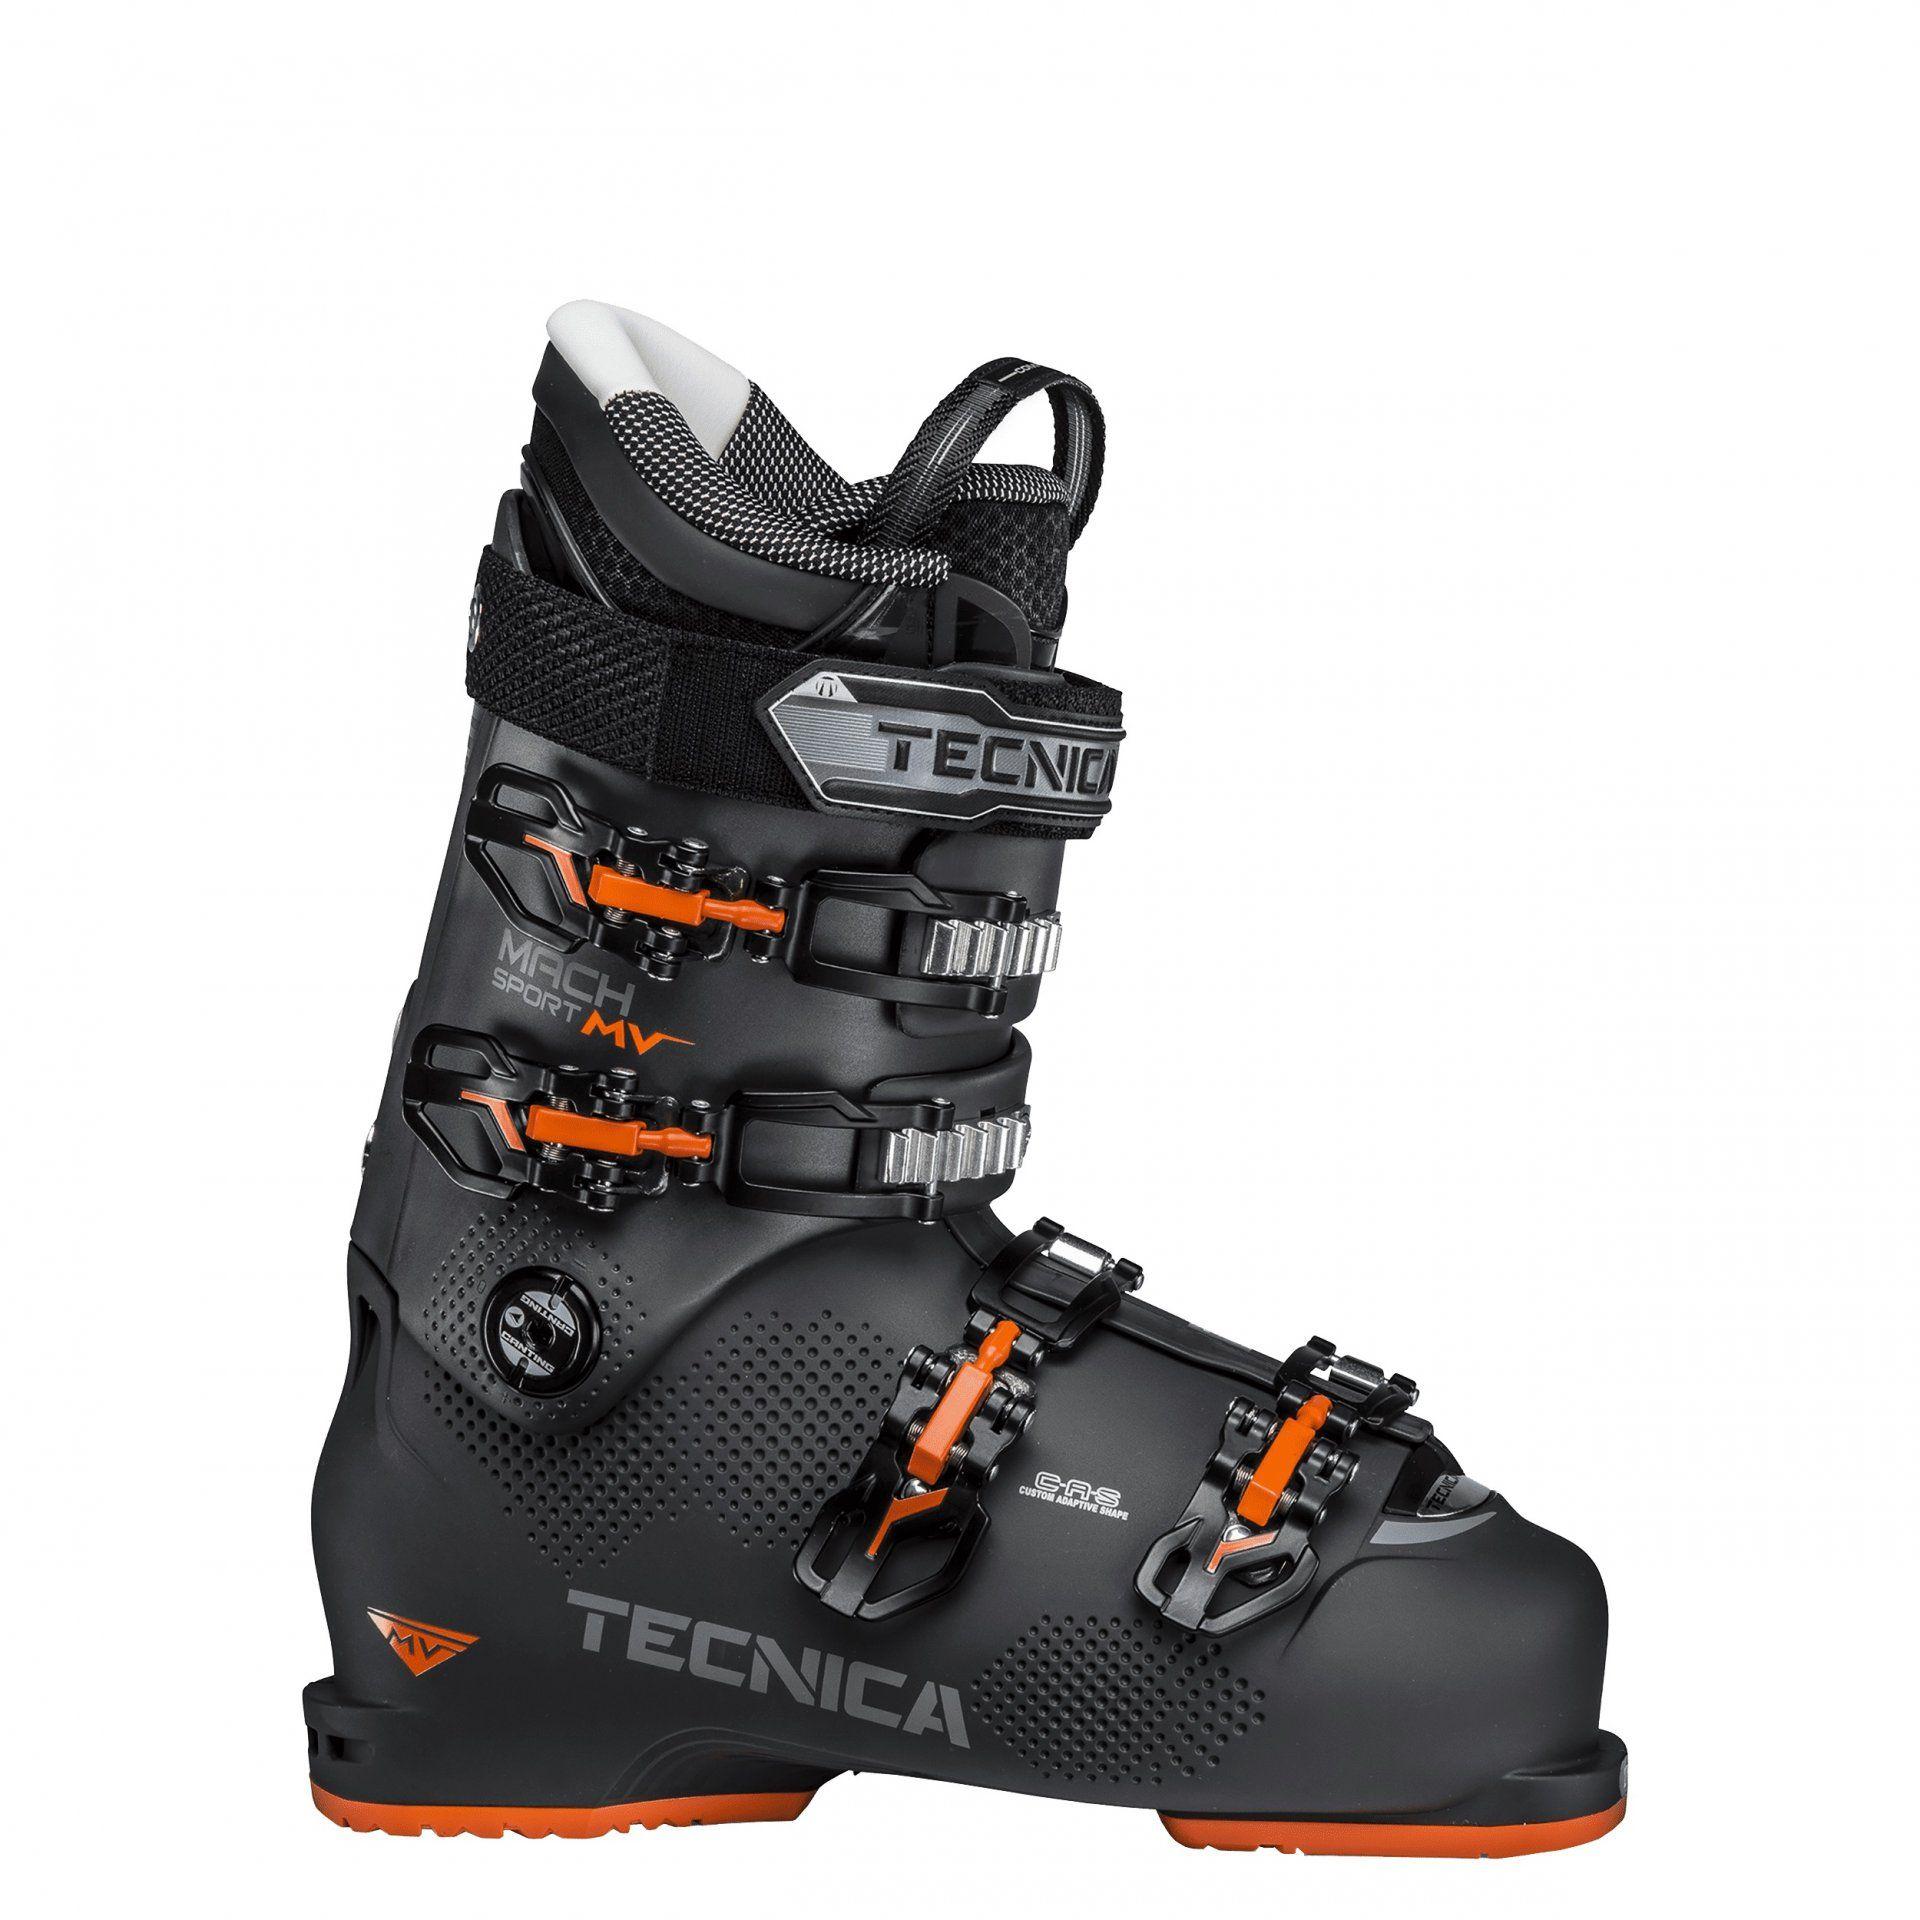 Buty Narciarskie Tecnica Mach Sport Mv 90 27 27 5 Narty Nowe Uzywane Sprzet Narciarski Snowboardowy Atom Sport